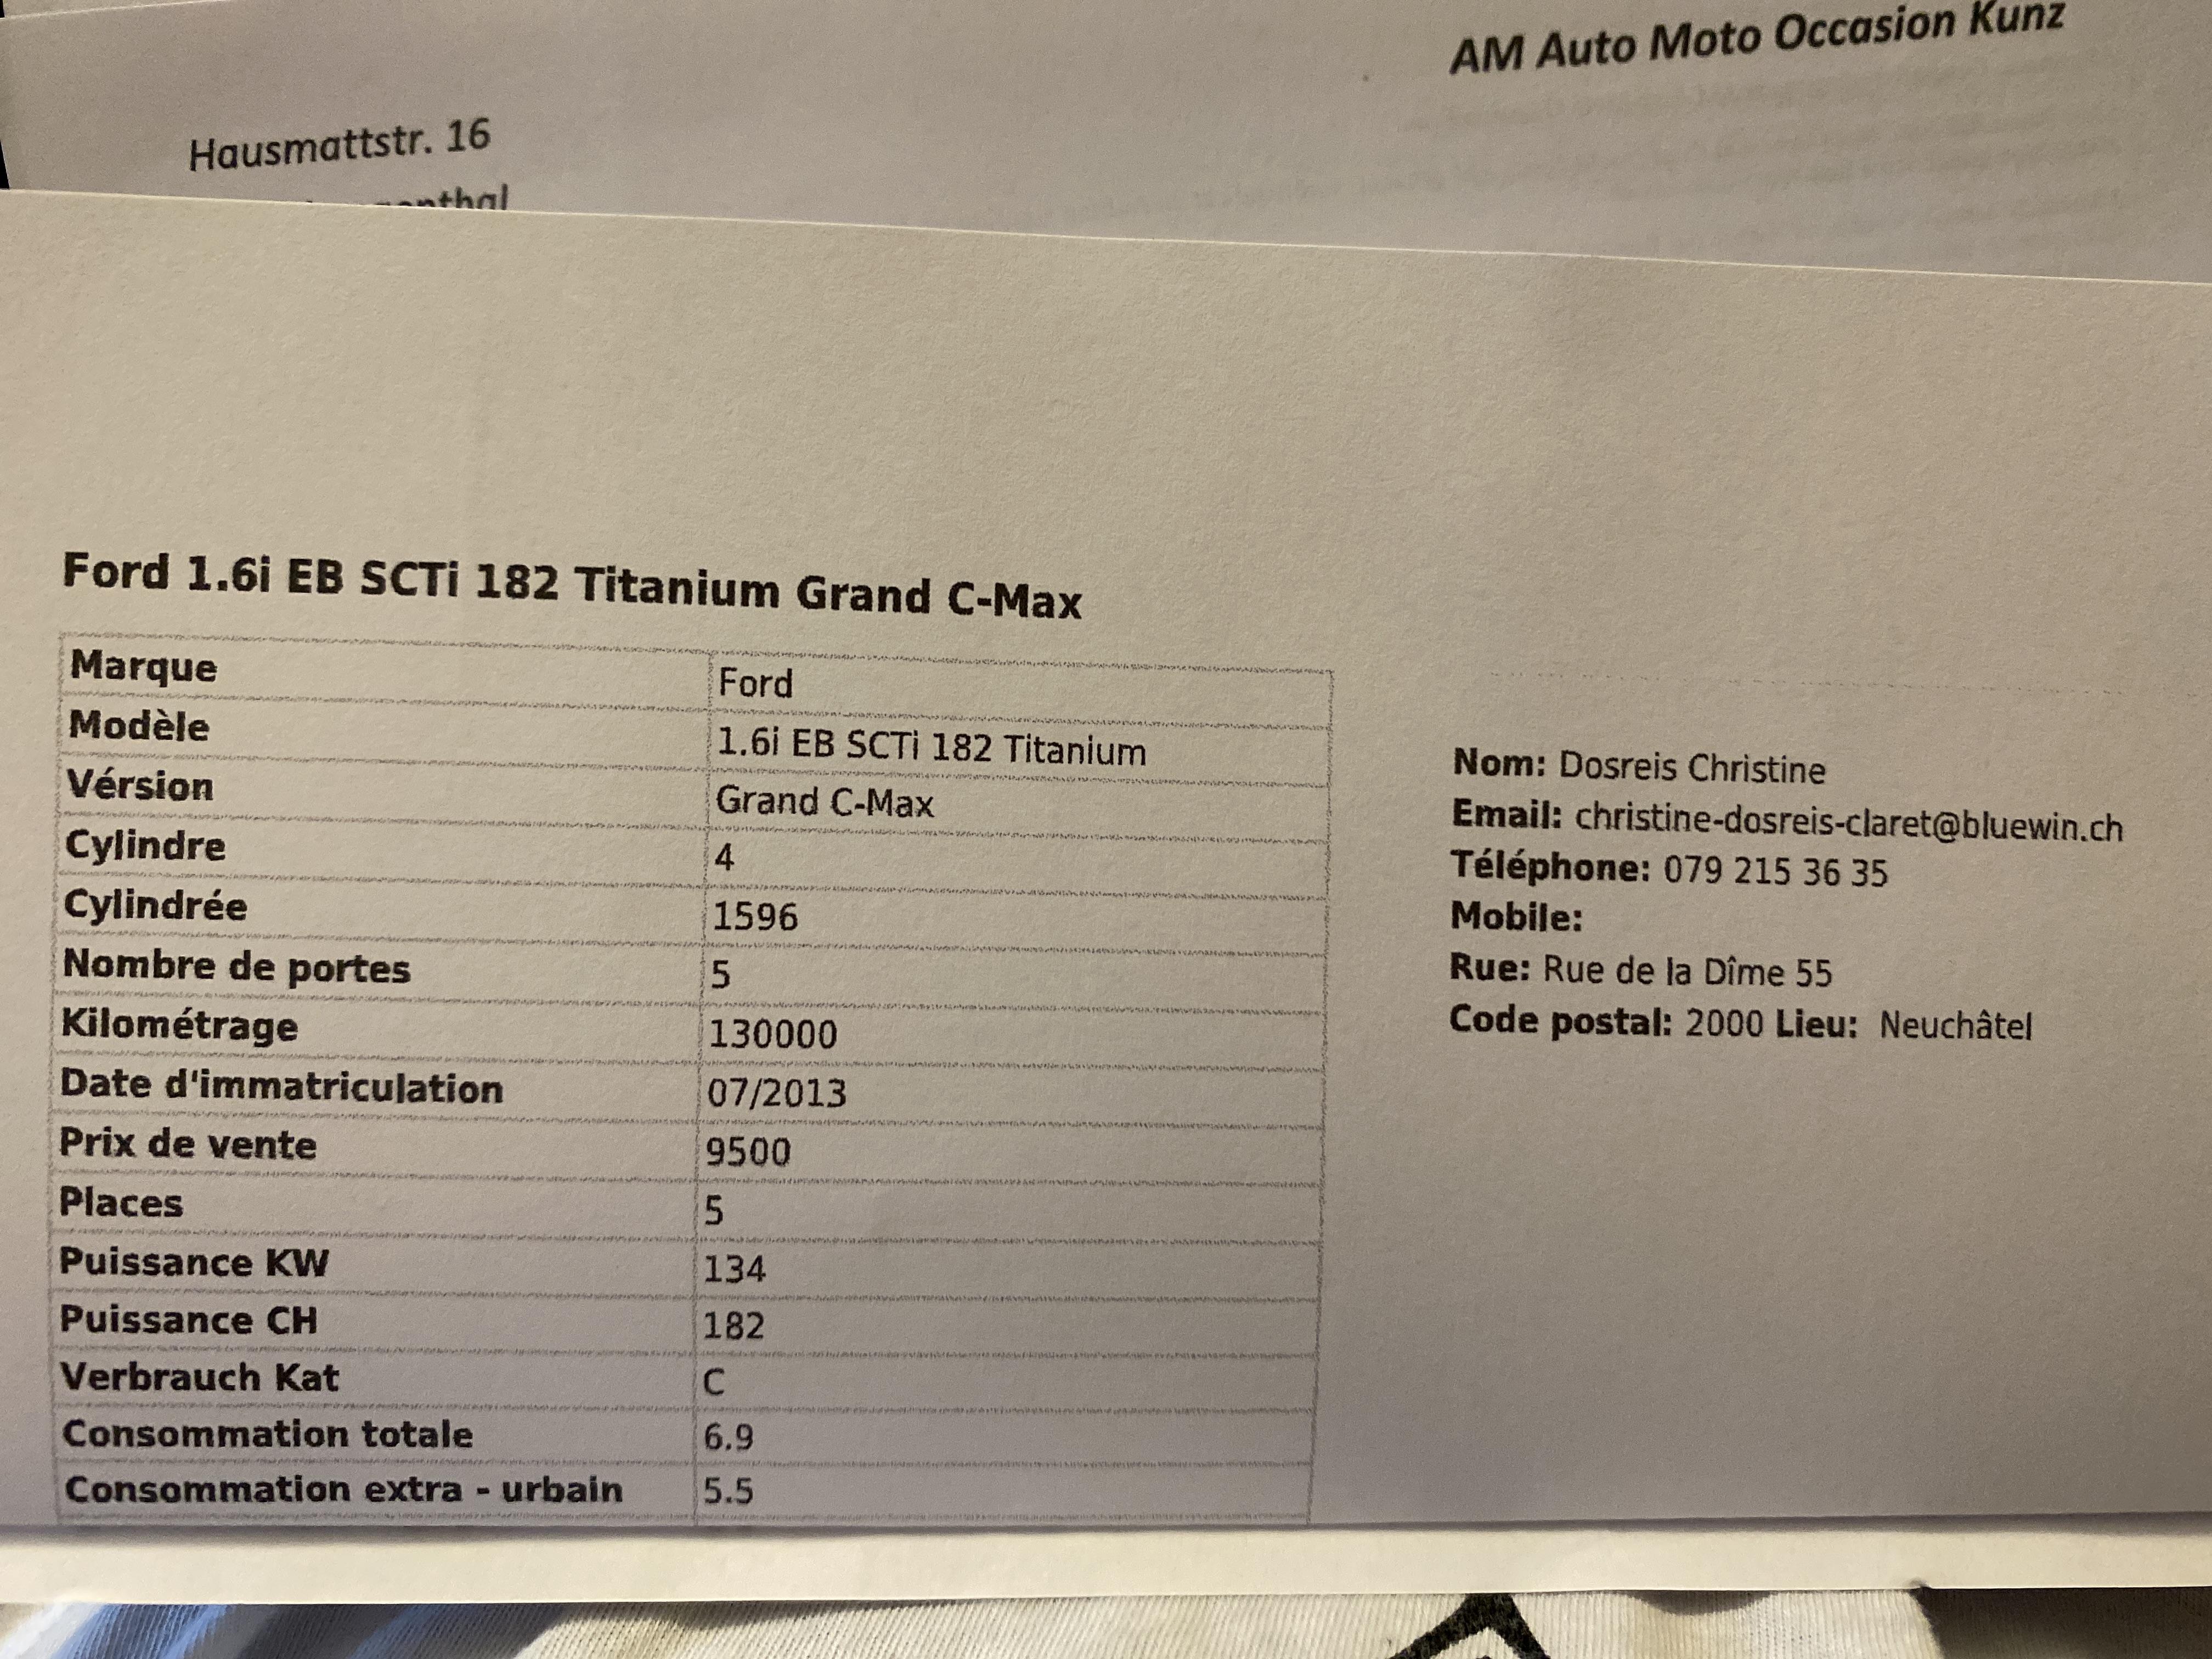 Ford Grand C-Max 1.6i EB SCTi 182 Titanium